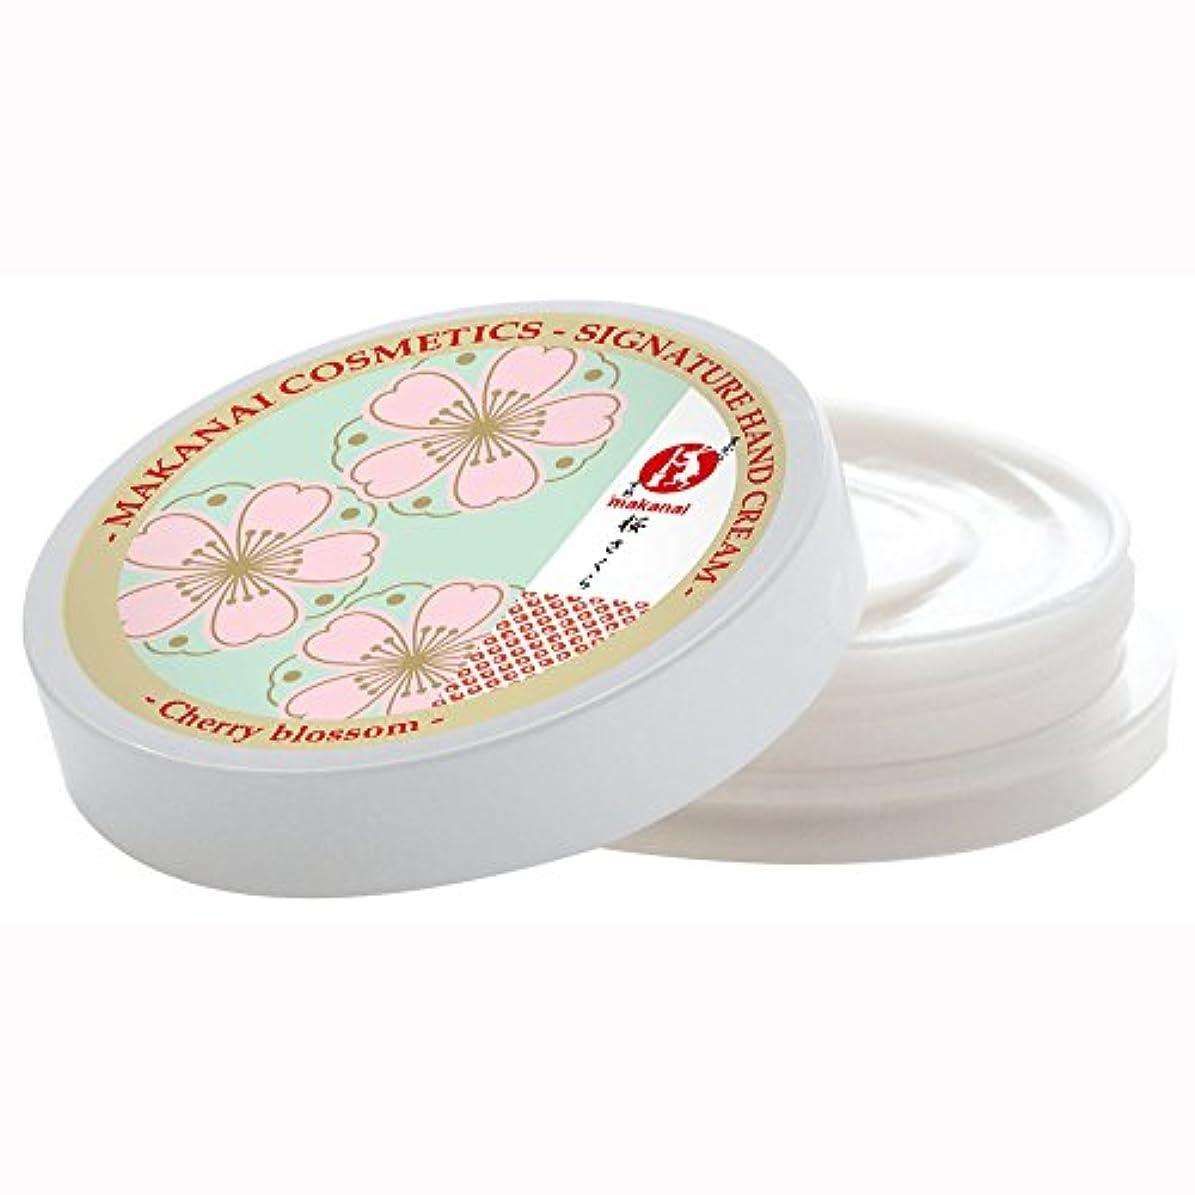 失われた避ける手荷物まかないこすめ 四季折々 絶妙レシピのハンドクリーム(桜)